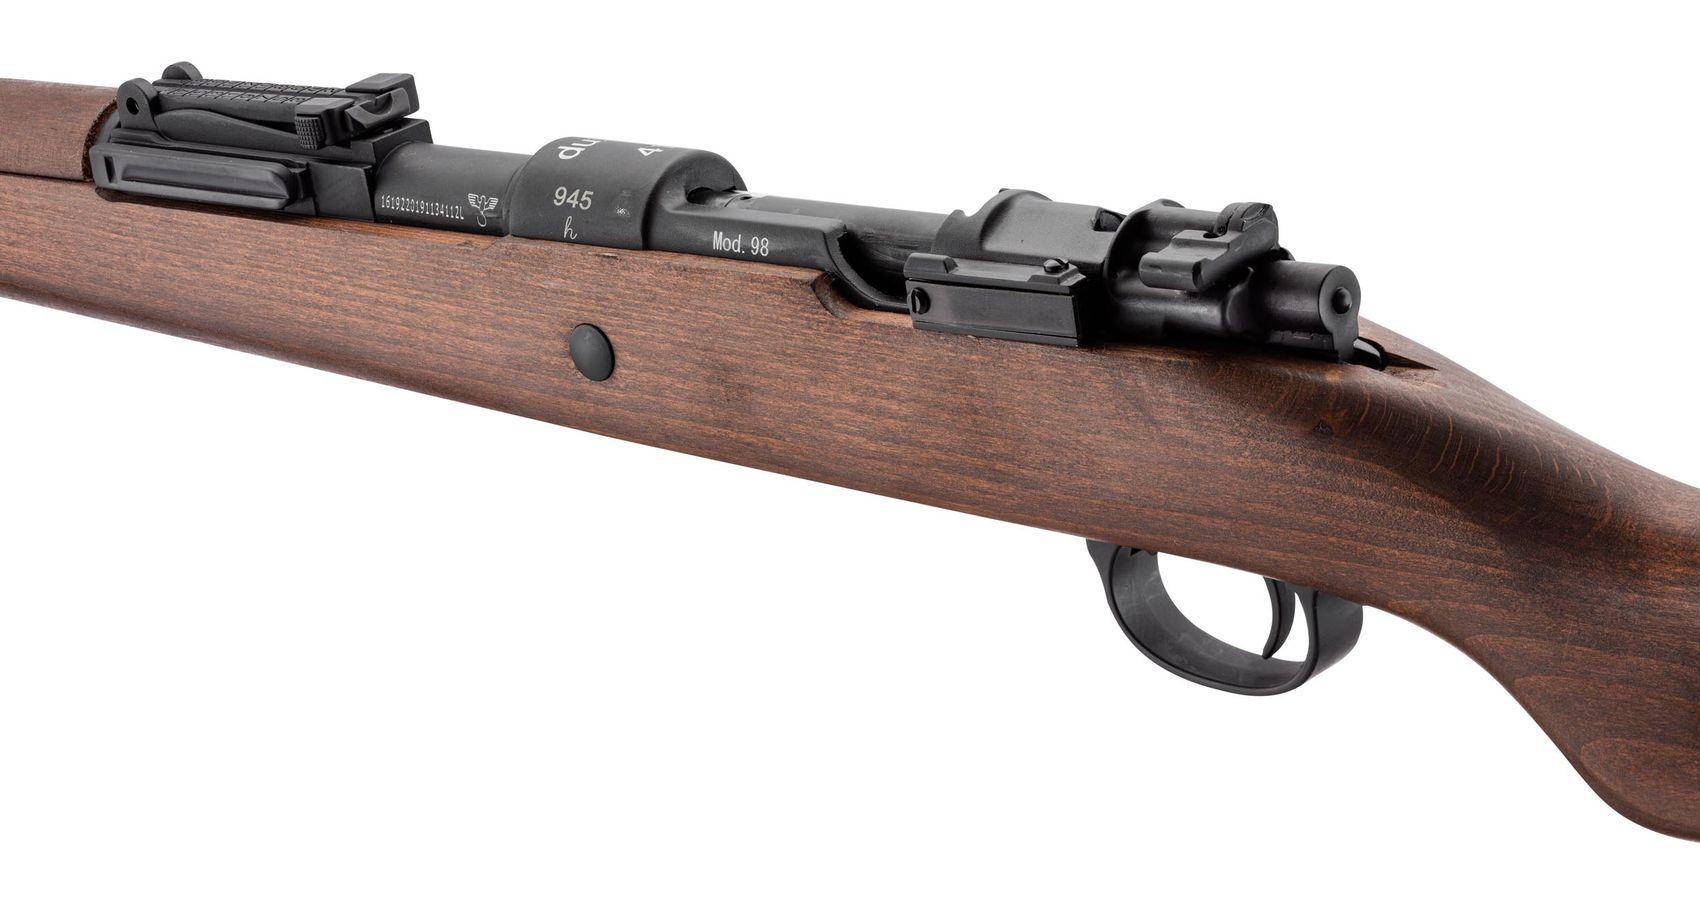 Réplique à gaz DUV KAR98K métal et bois WWII Series 1,7J